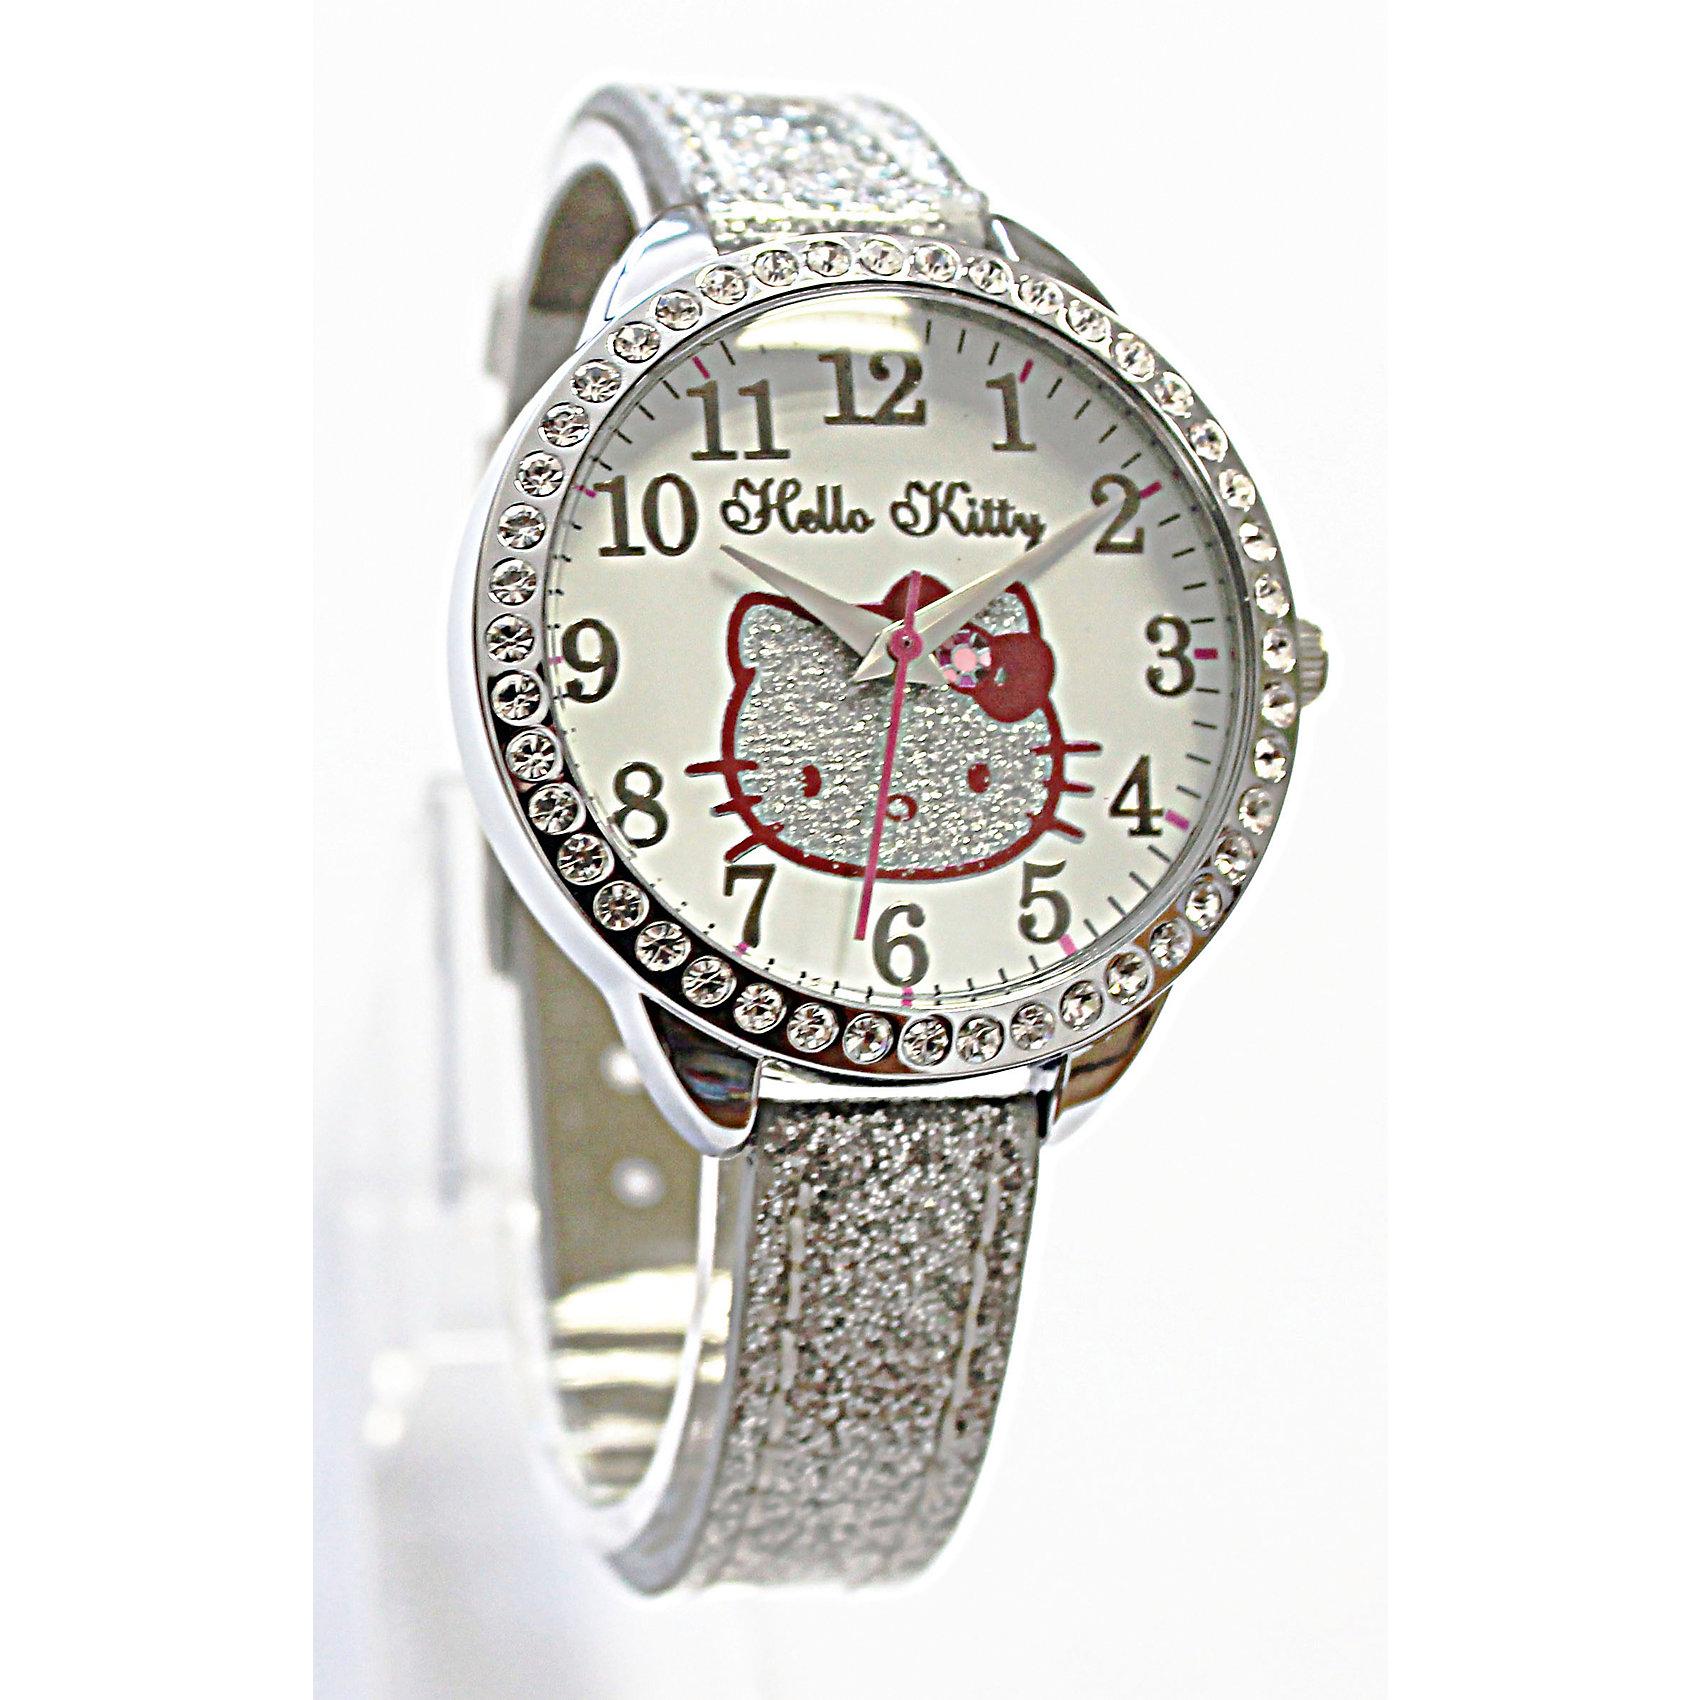 Часы наручные аналоговые, Hello KittyHello Kitty<br>Эксклюзивные наручные аналоговые часы торговой марки Hello Kitty выполнены по индивидуальному дизайну ООО «Детское Время» и лицензии компании Sanrio. Обилие деталей - декоративных элементов (страз, мерцающих ремешков), надписей,  уникальных изображений - делают изделие тщательно продуманным творением мастеров. Часы имеют высококачественный японский кварцевый механизм и отличаются надежностью и точностью хода. Часы водоустойчивы и обладают достаточной герметичностью, чтобы спокойно перенести случайный и незначительный контакт с жидкостями (дождь, брызги), но они не предназначены для плавания или погружения в воду. Циферблат защищен от повреждений прочным минеральным стеклом. Корпус часов выполнен из стали,  задняя крышка из нержавеющей стали. Материал браслета: искусственная кожа. Единица товара упаковывается в стильную подарочную коробочку. Неповторимый стиль с изобилием насыщенных и в тоже время нежных гамм; надежность и прочность изделия позволяют говорить о нем только в превосходной степени!<br><br>Ширина мм: 55<br>Глубина мм: 10<br>Высота мм: 250<br>Вес г: 22<br>Возраст от месяцев: 36<br>Возраст до месяцев: 72<br>Пол: Женский<br>Возраст: Детский<br>SKU: 5529339